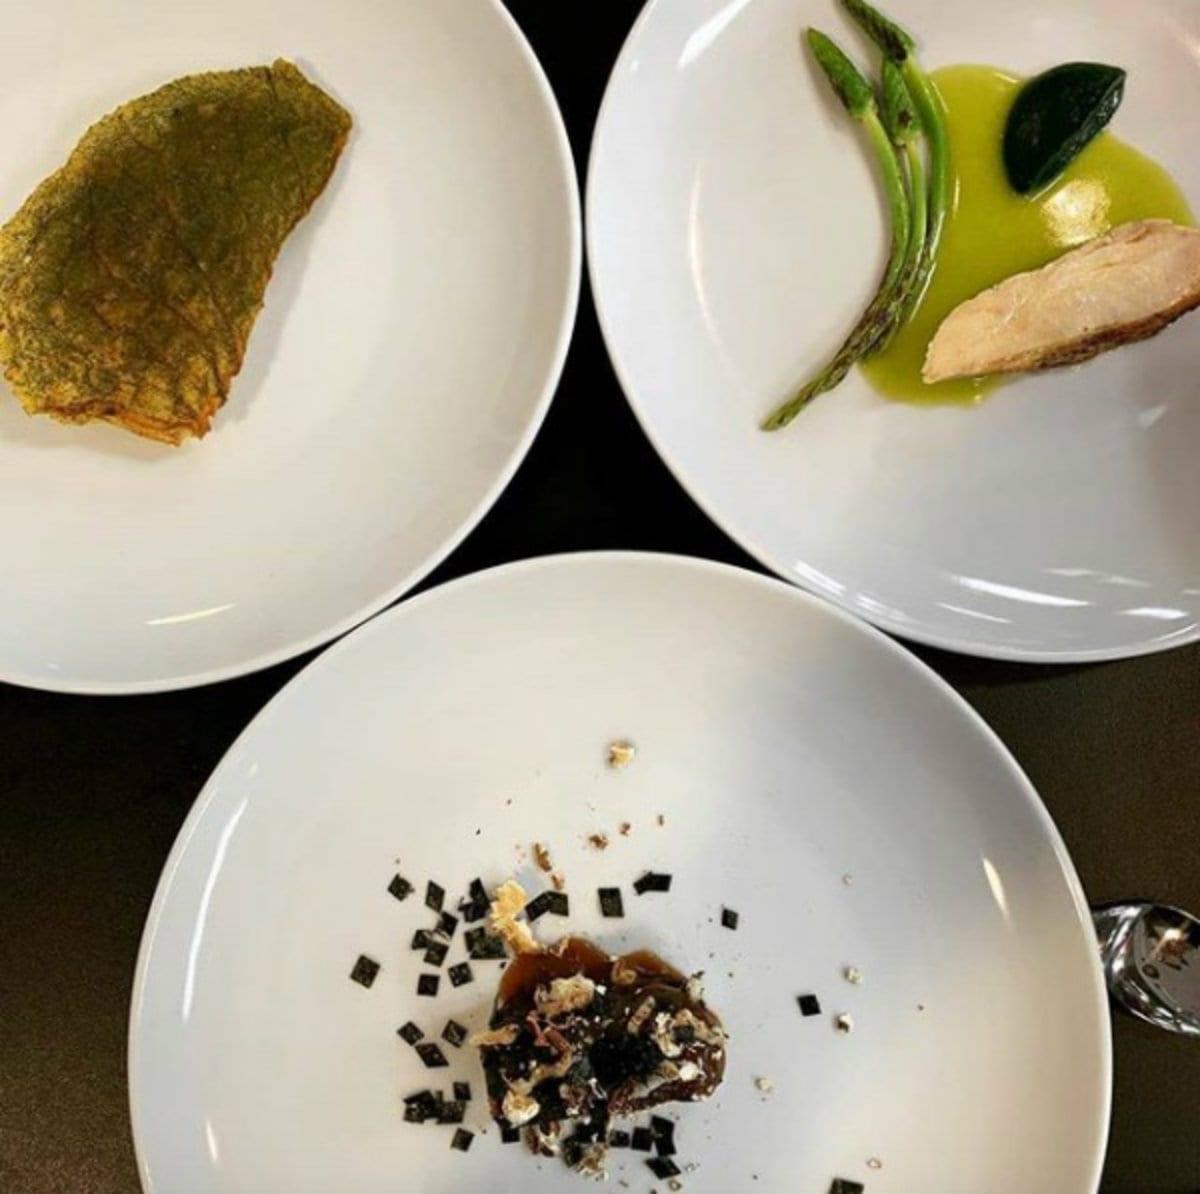 Altri piatti presentati durante la cena di gala al Basque Culinary Center